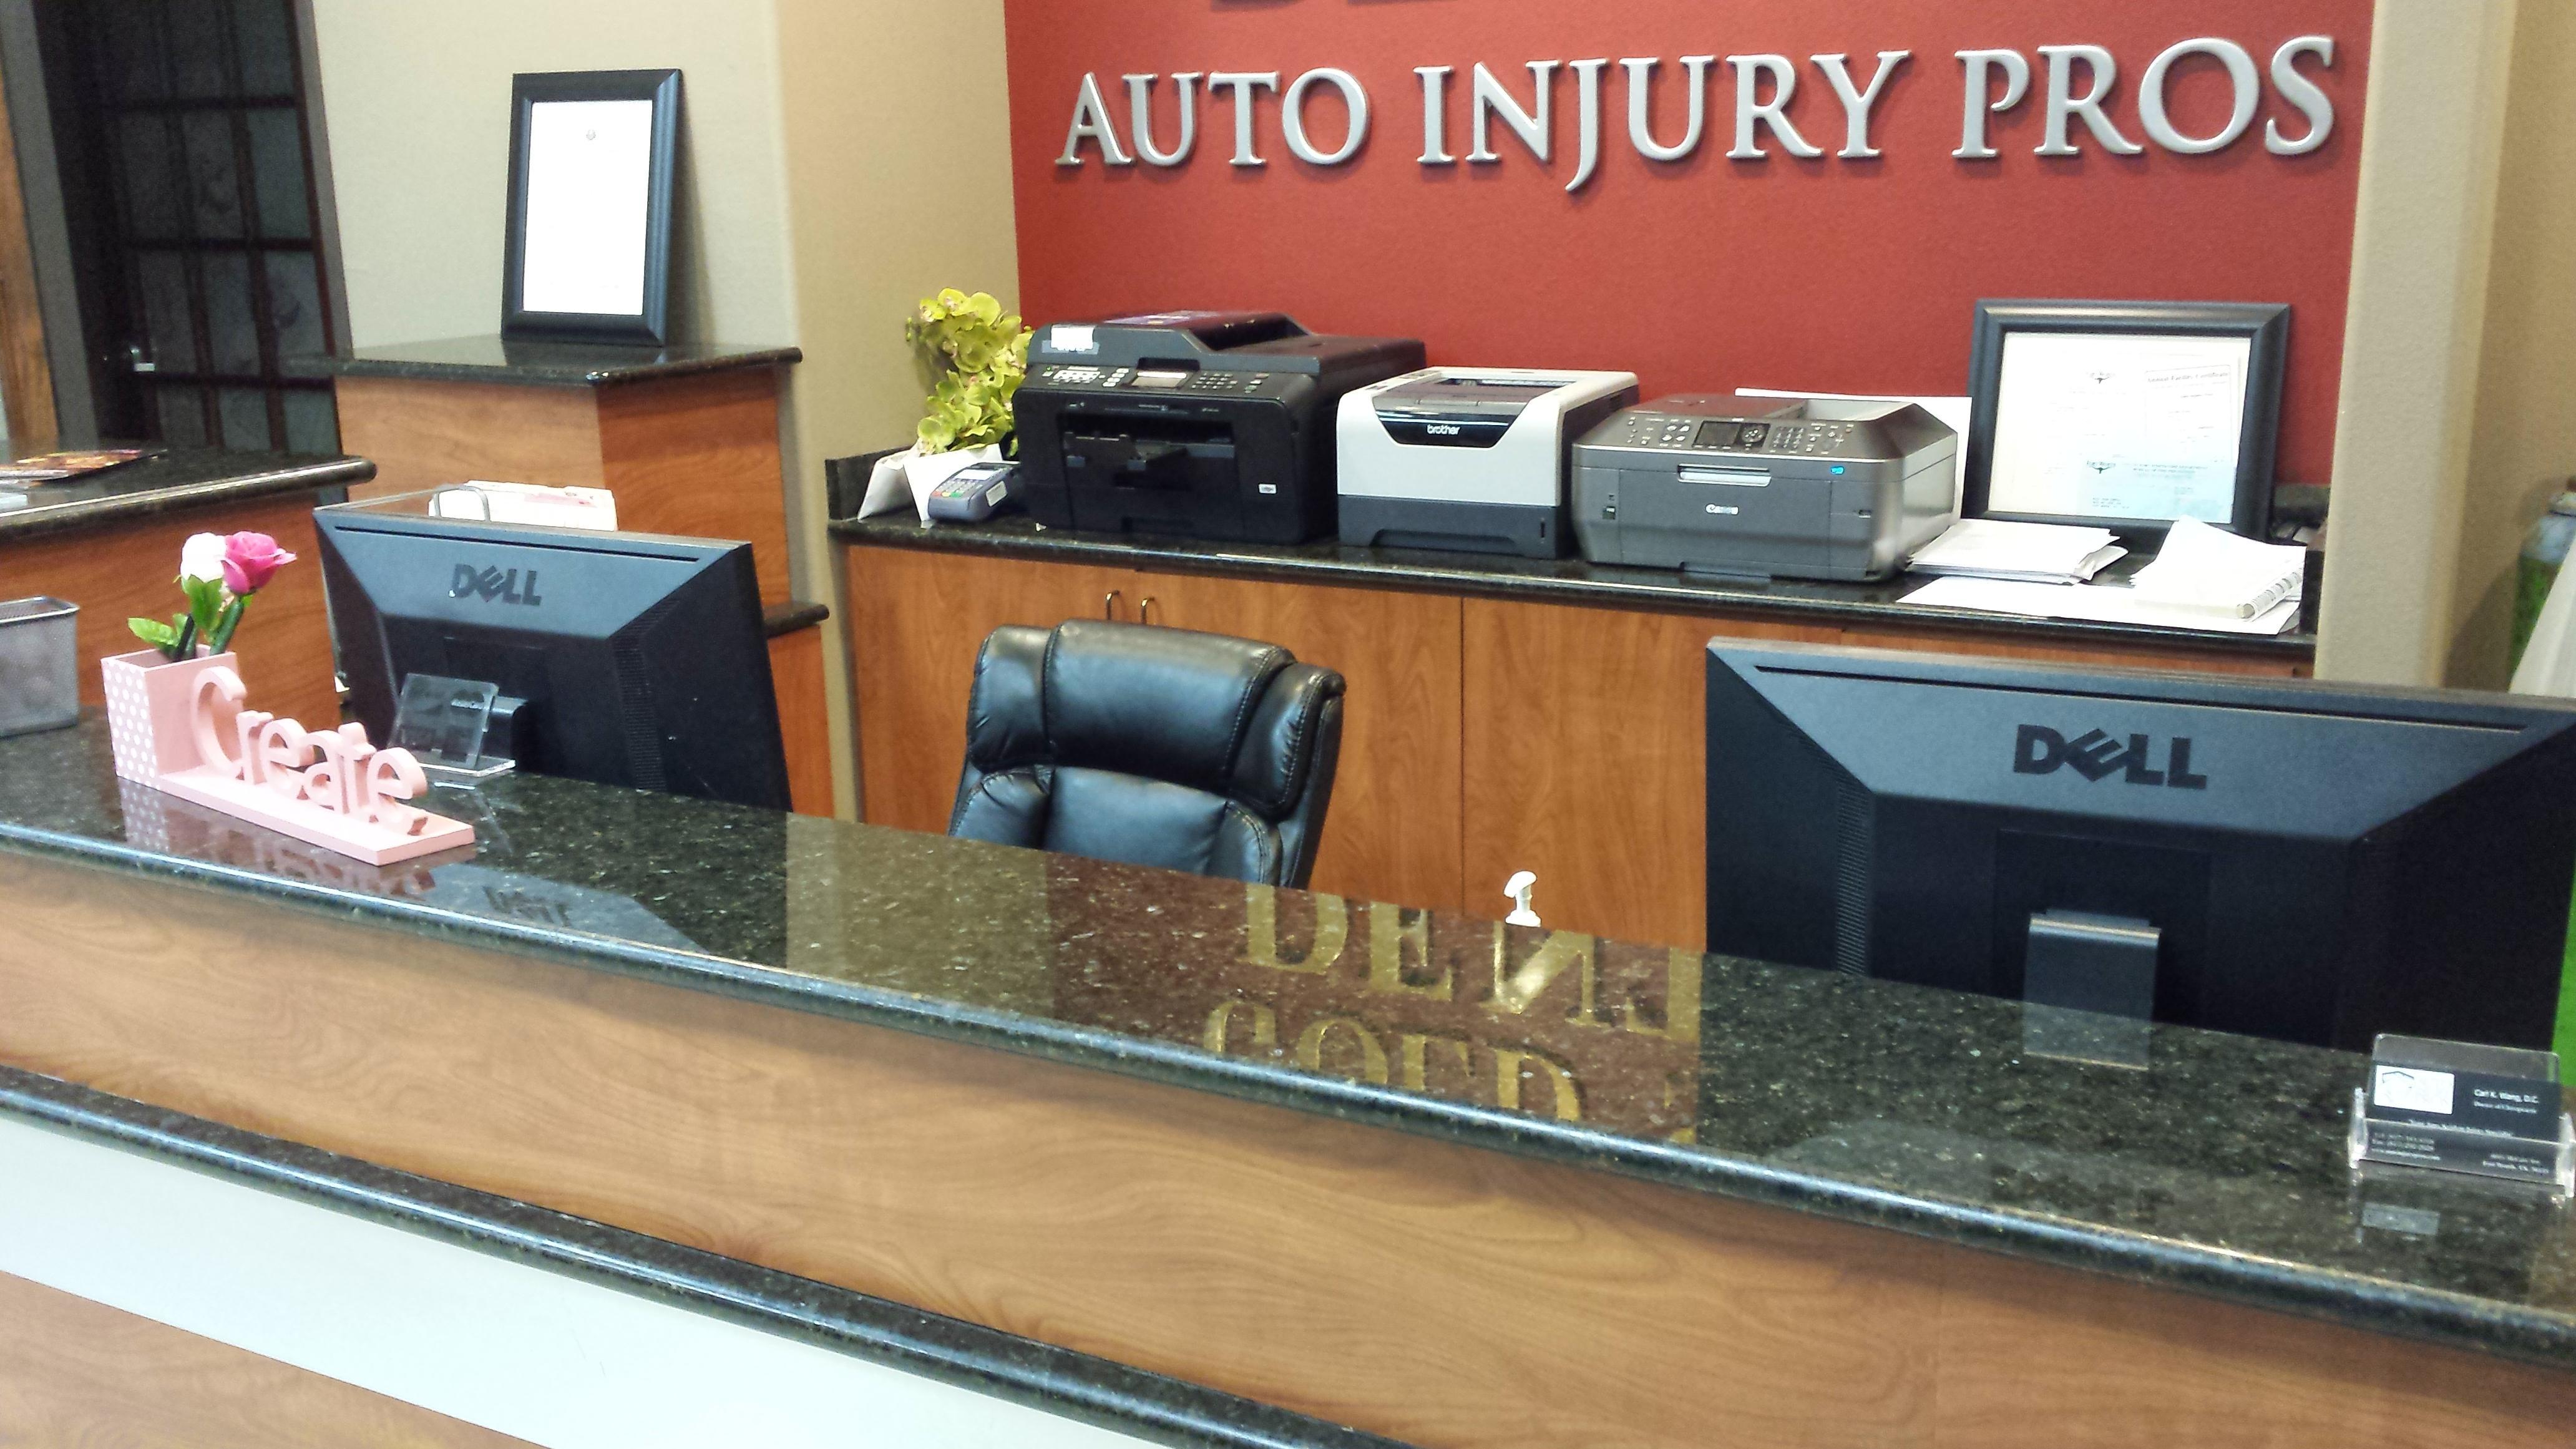 Auto Injury Pros